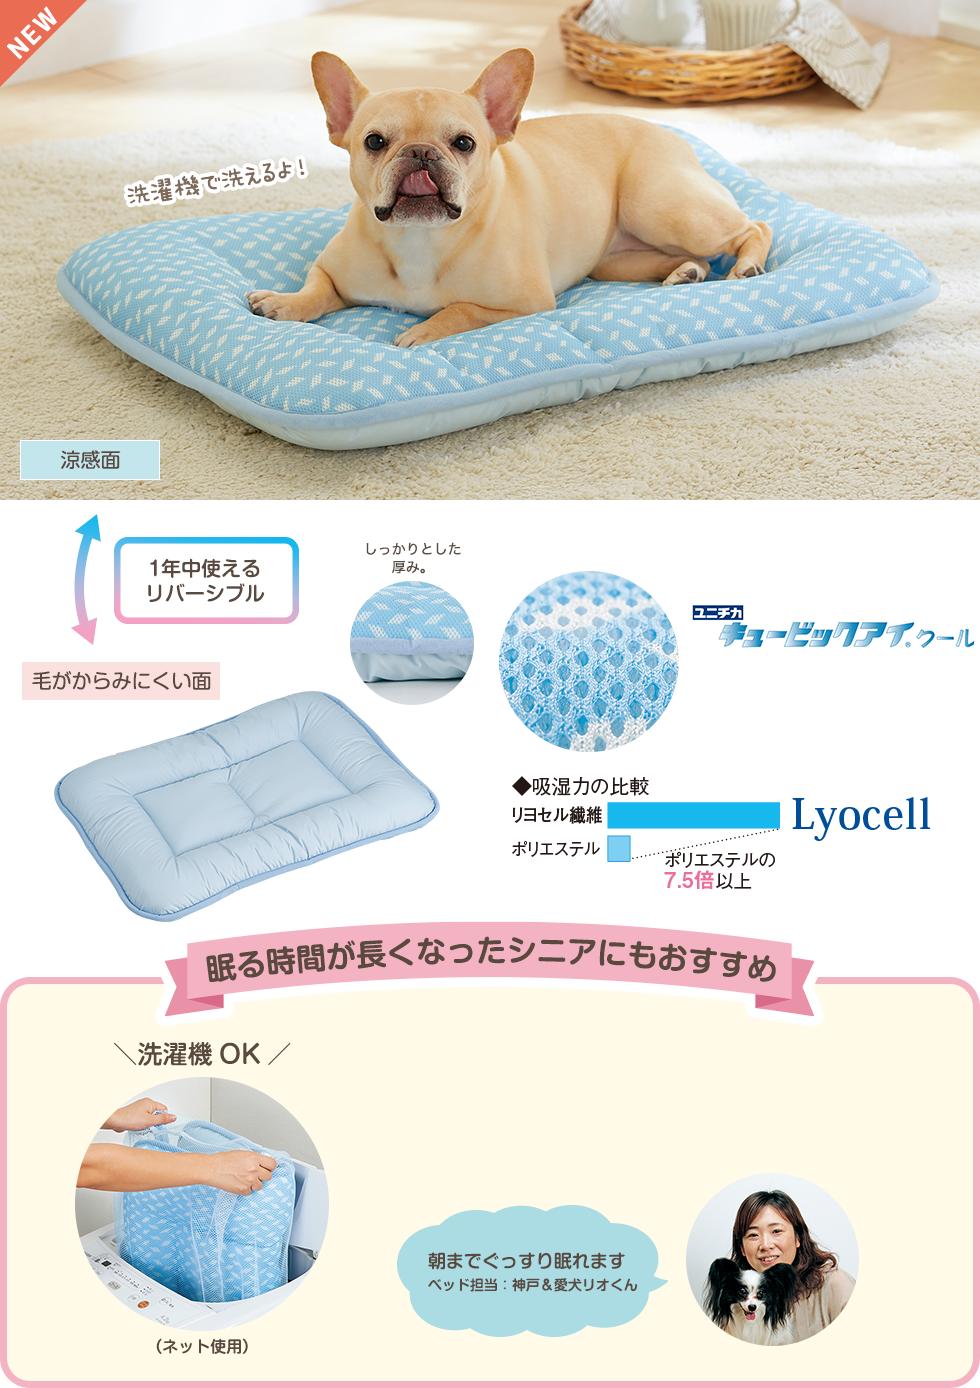 ムレ知らずで洗濯機で洗える!日本製の高品質ベッド。